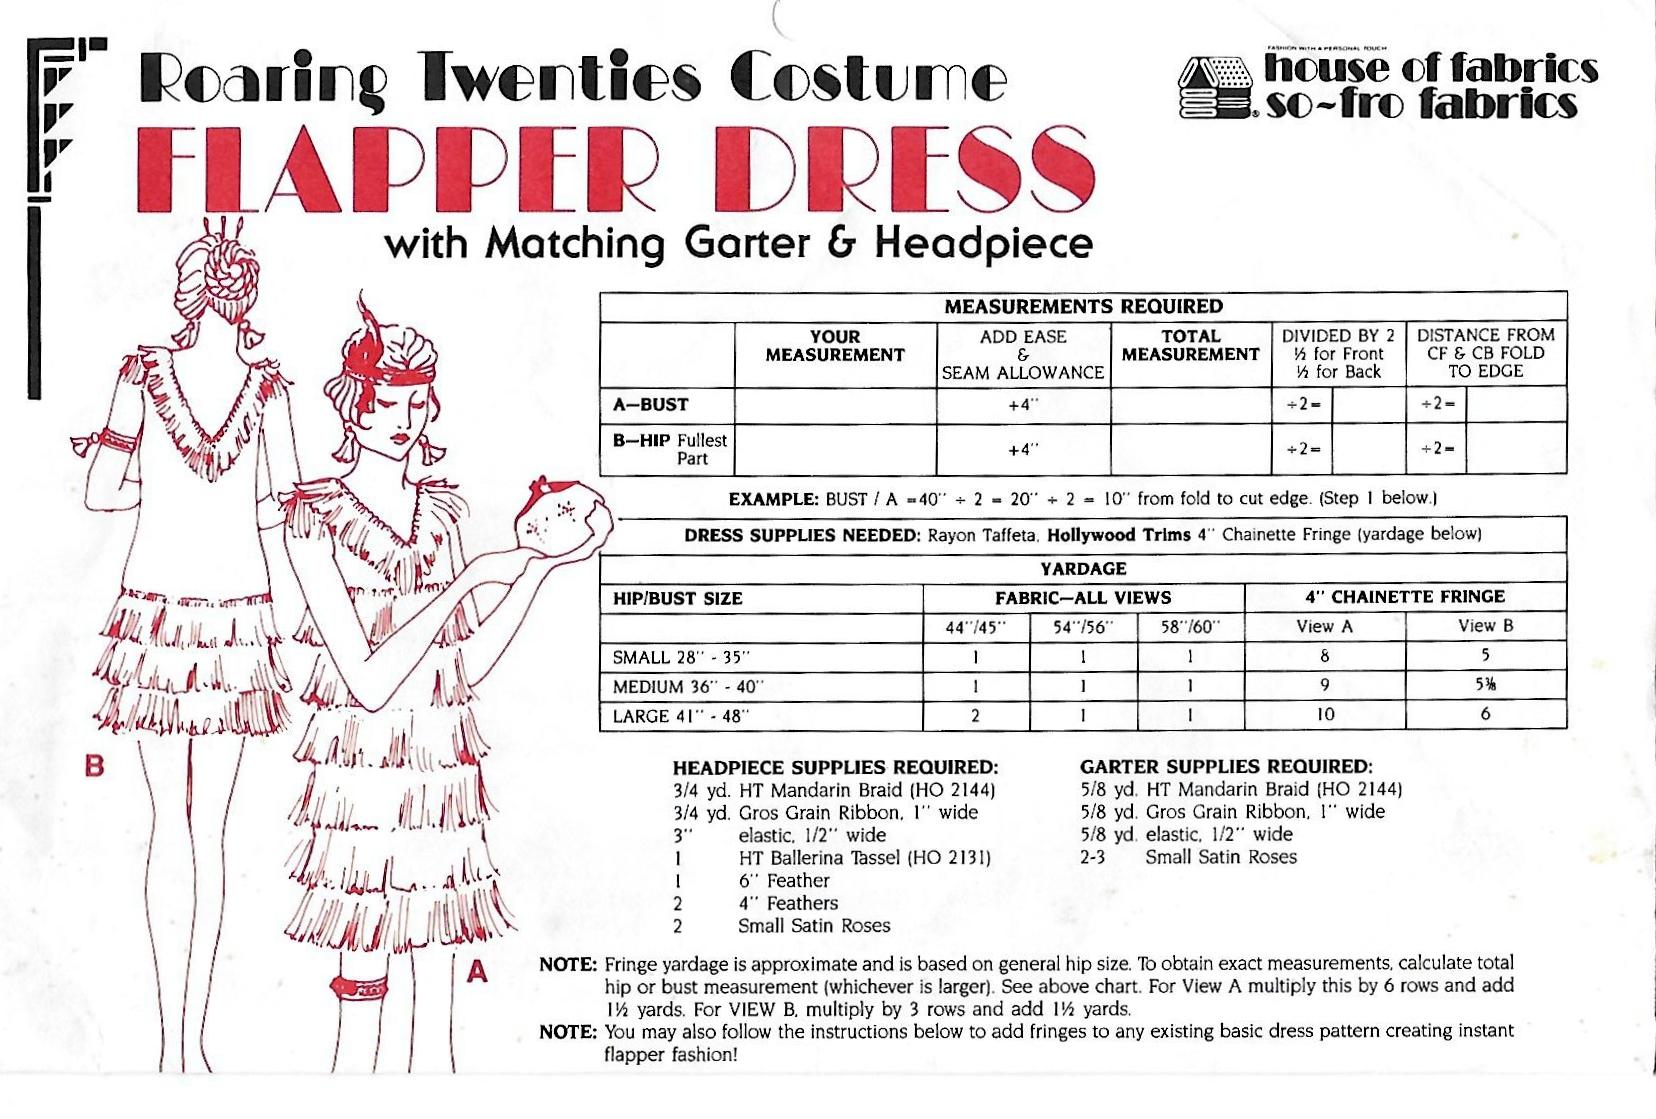 House of Fabrics Flapper Dress